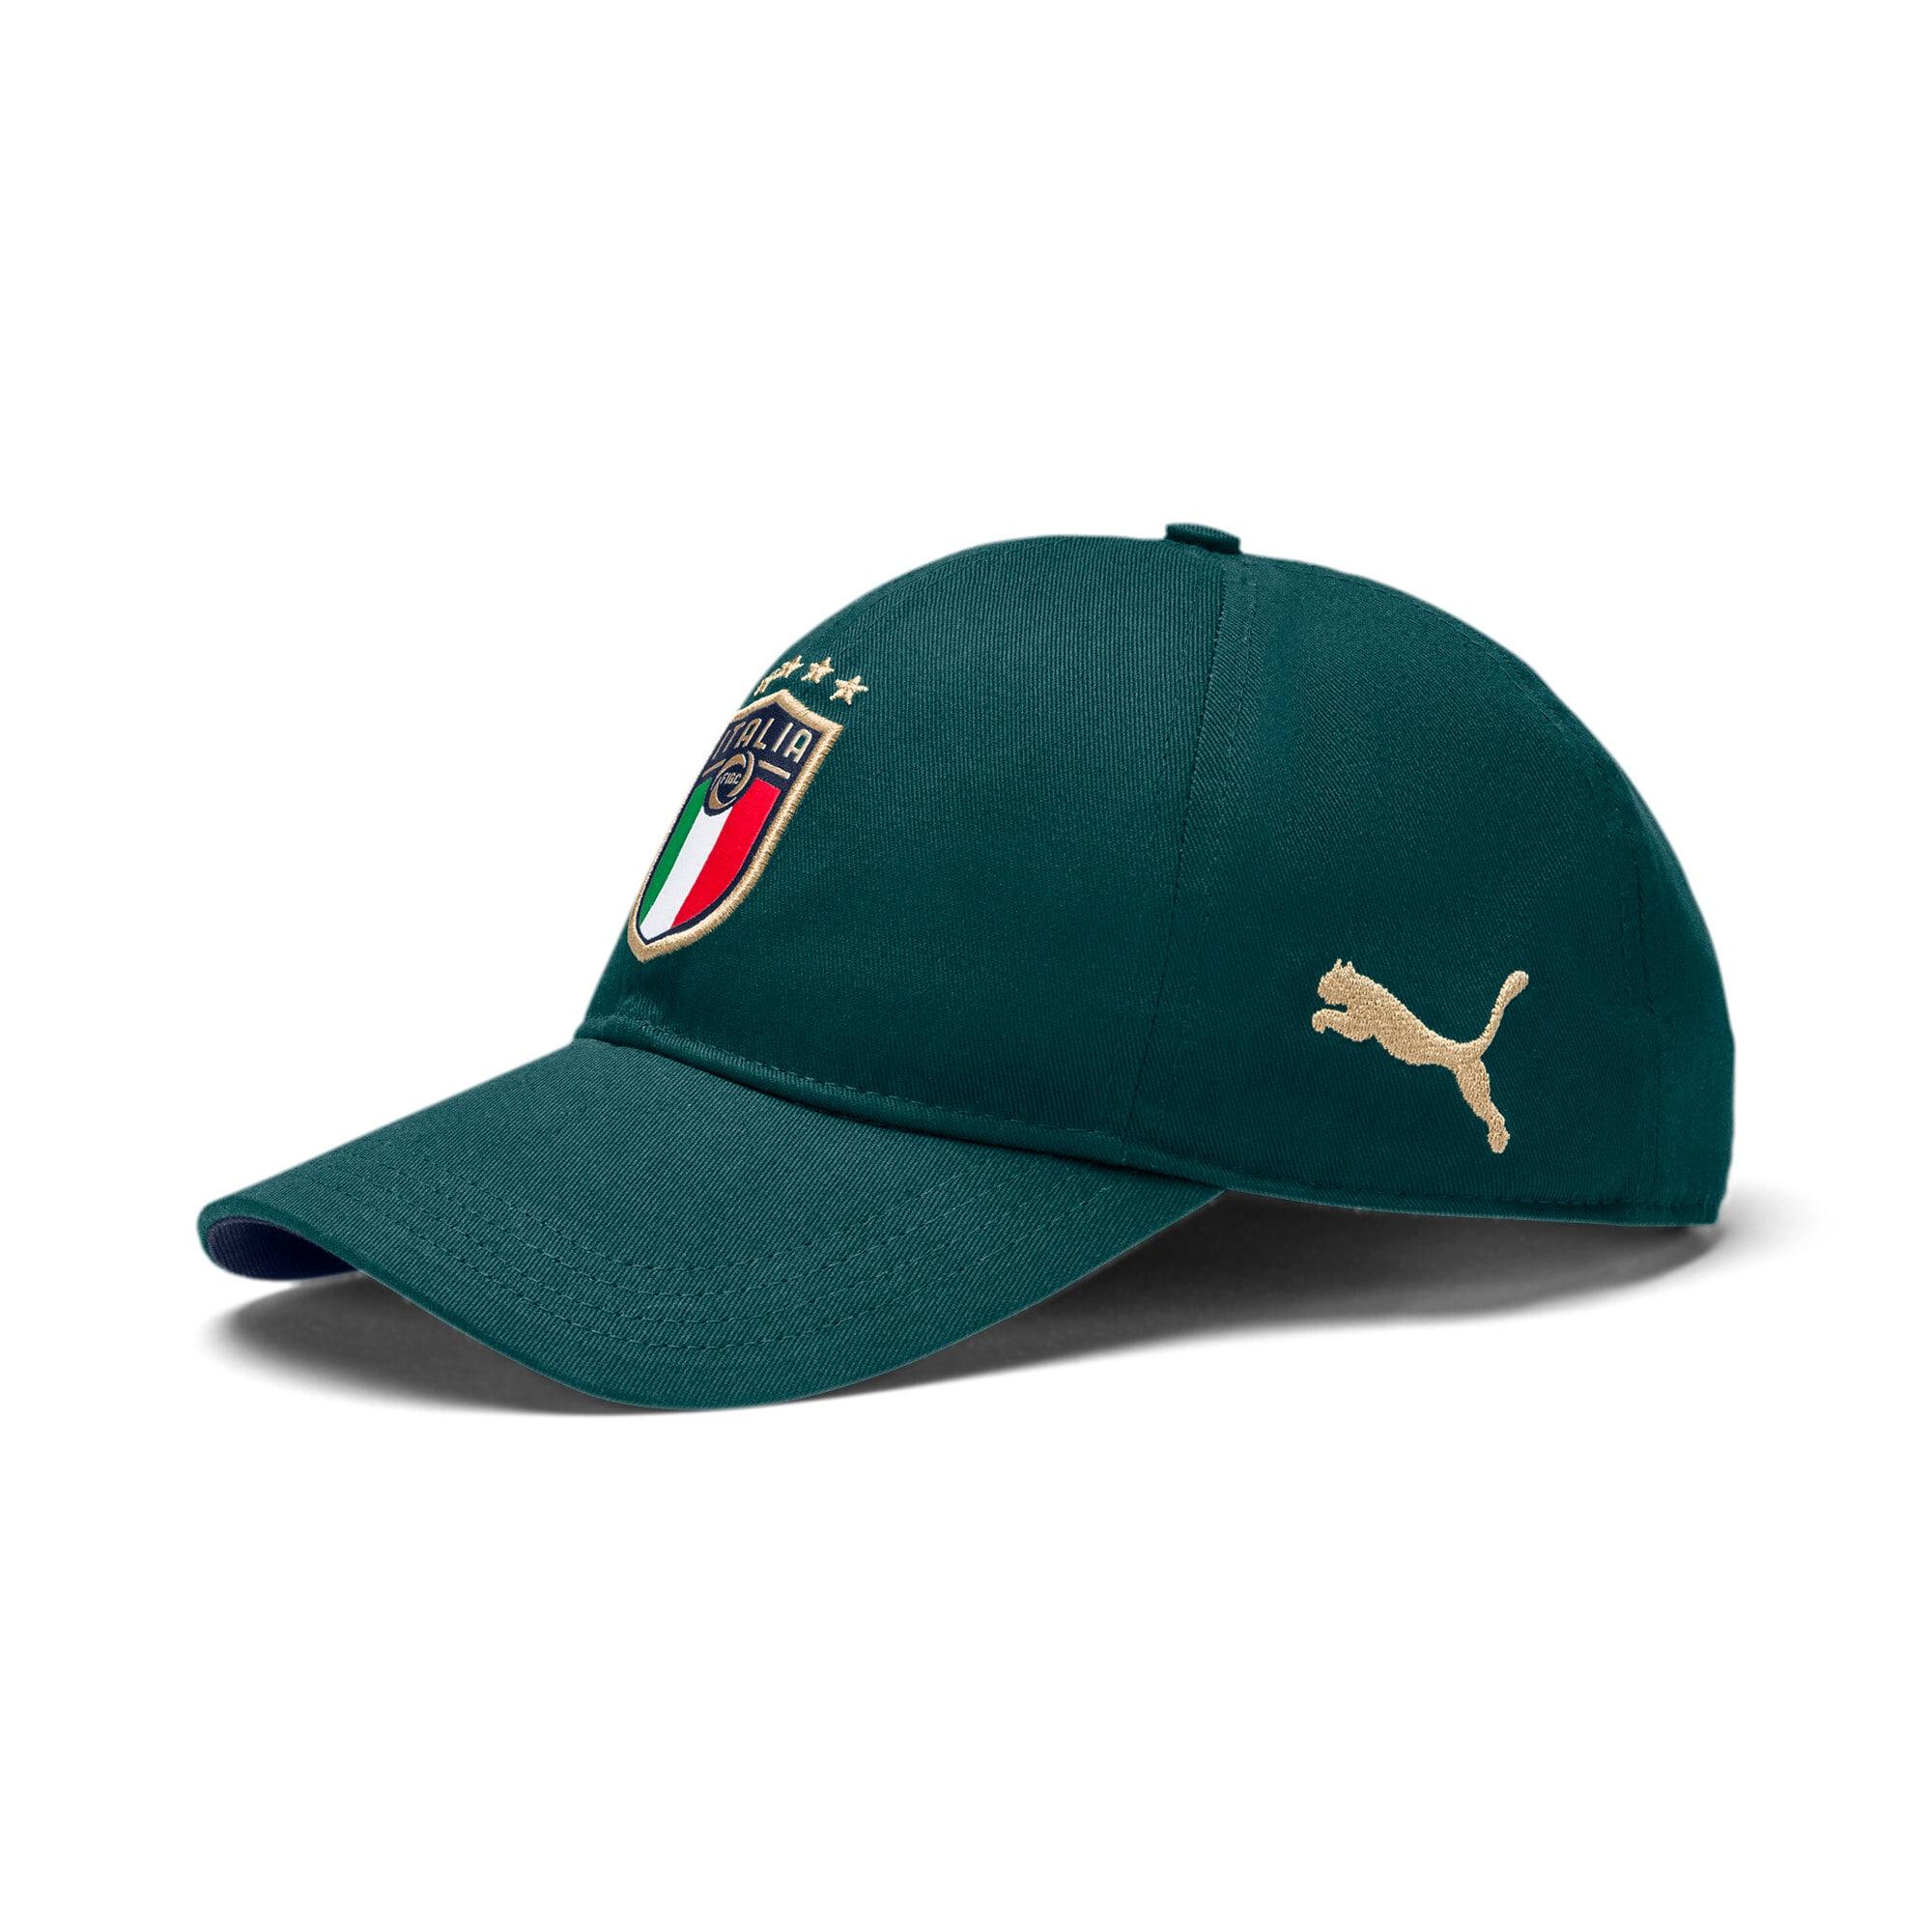 Thumbnail 1 of FIGC イタリア チーム キャップ, Ponderosa Pine-Peacoat, medium-JPN